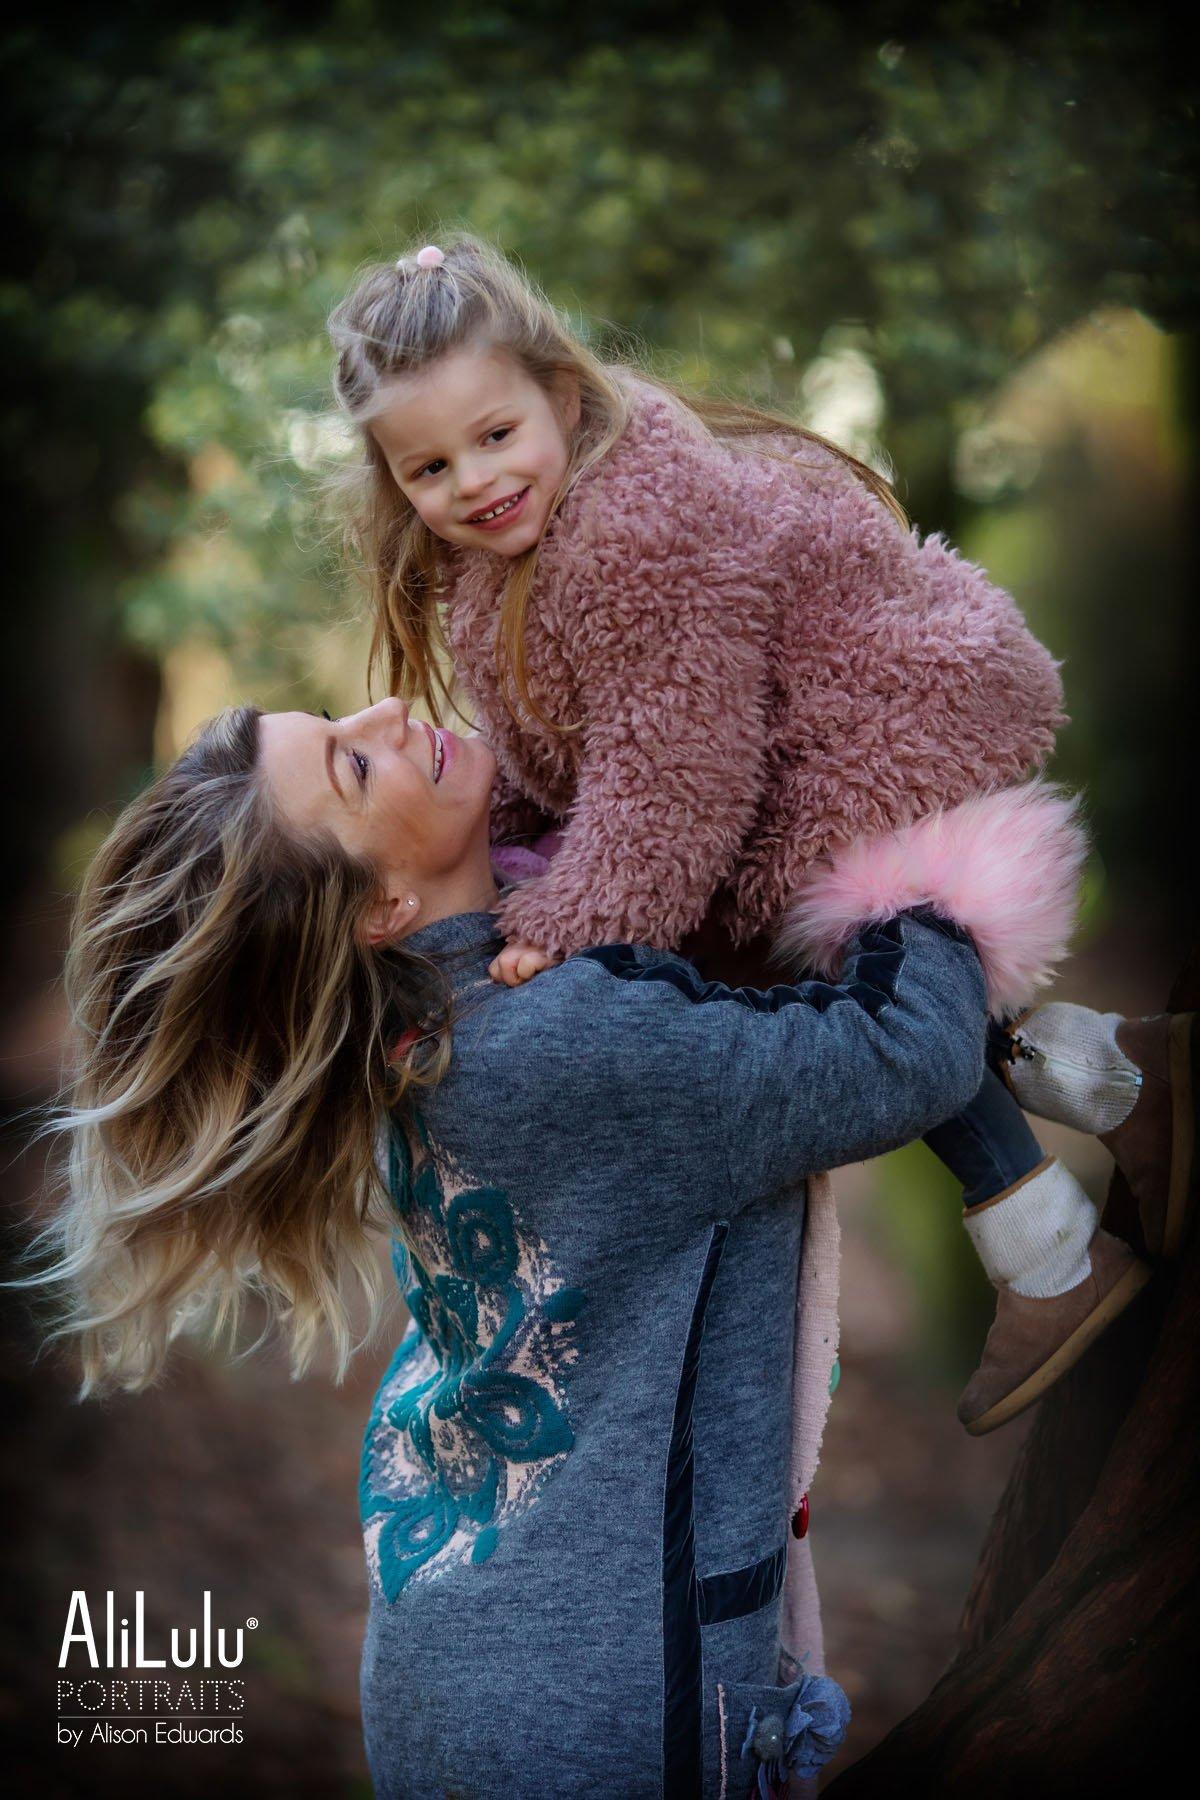 mum lifting daughter in air in park